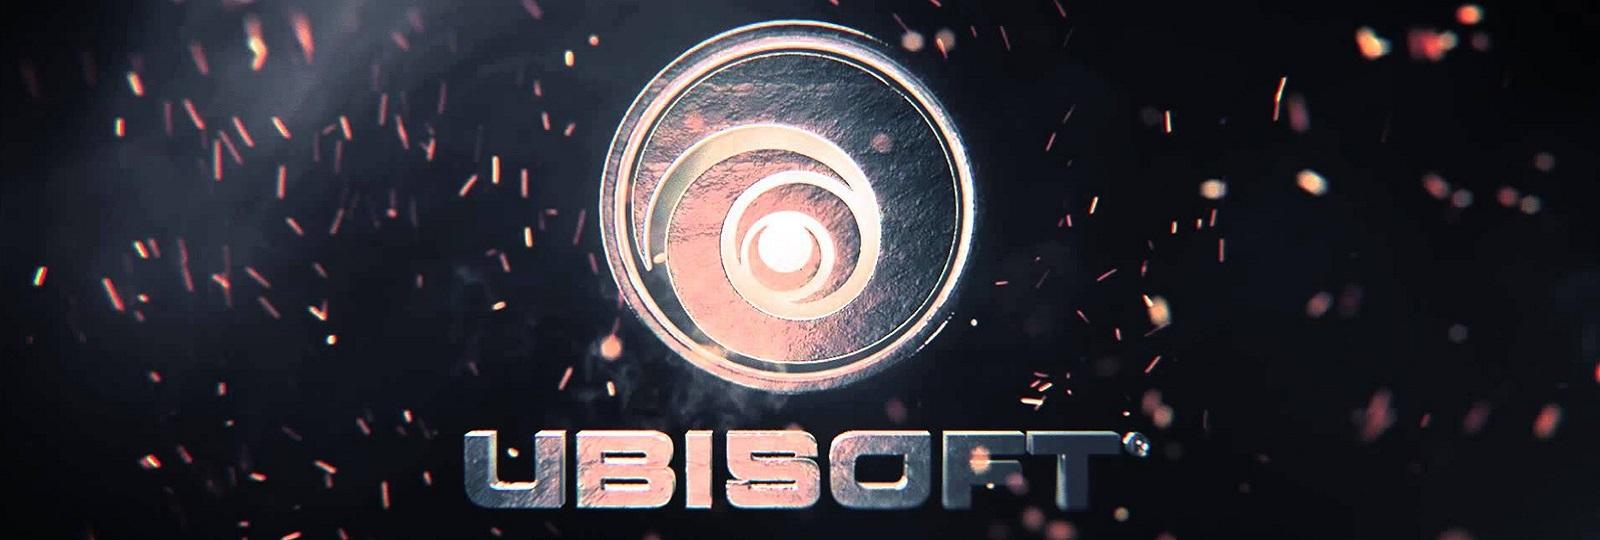 Ubisoft; logo